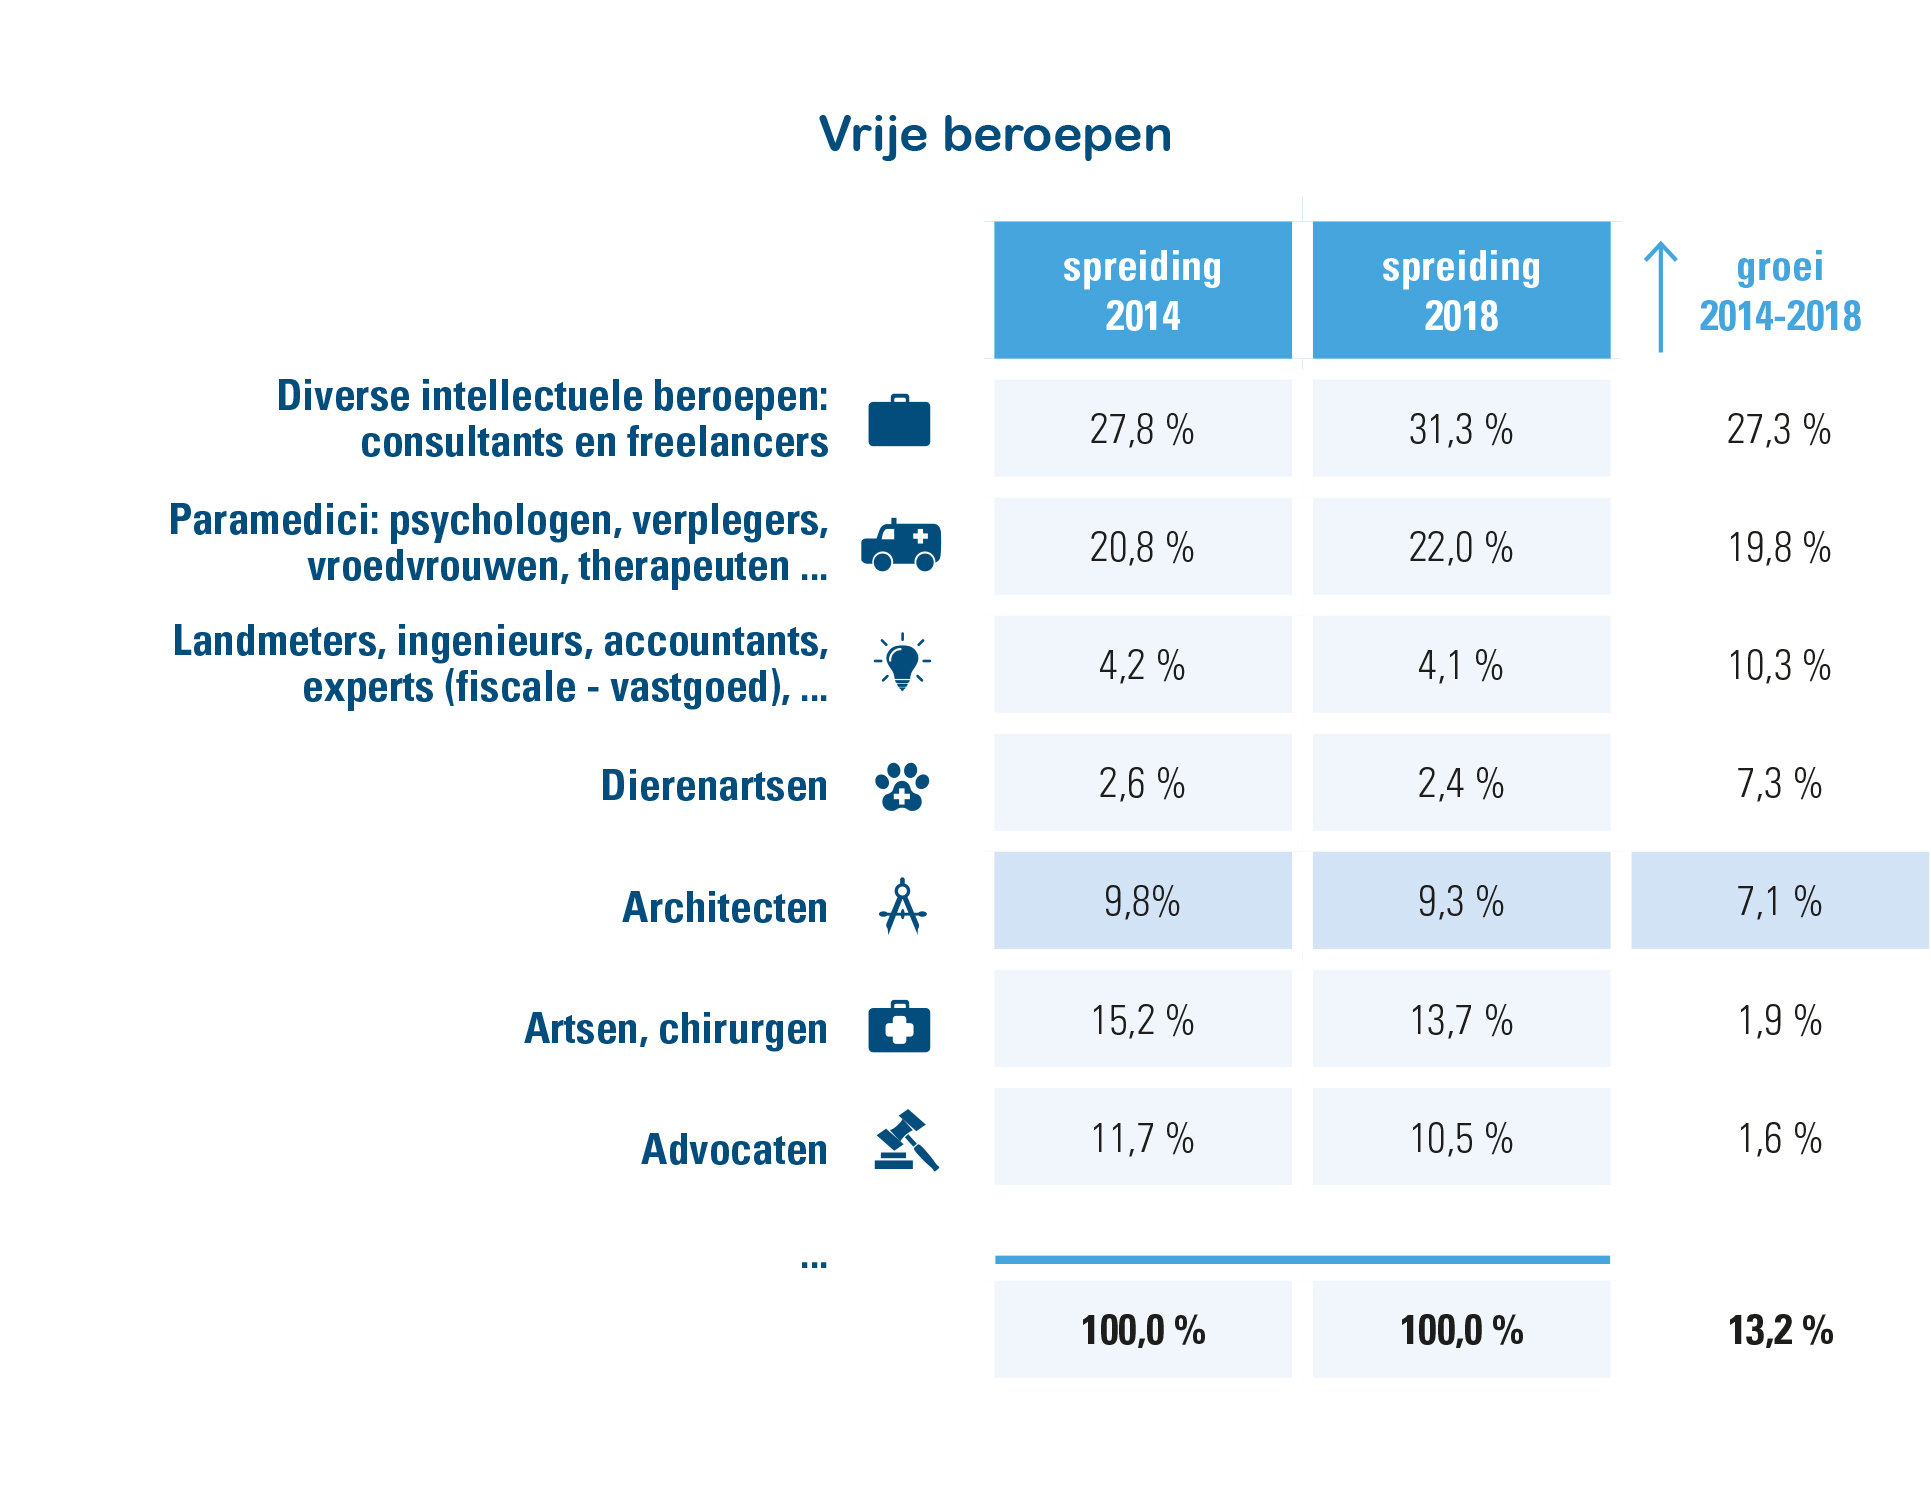 Vrije beroepen, spreiding en stijgers 2014-2018